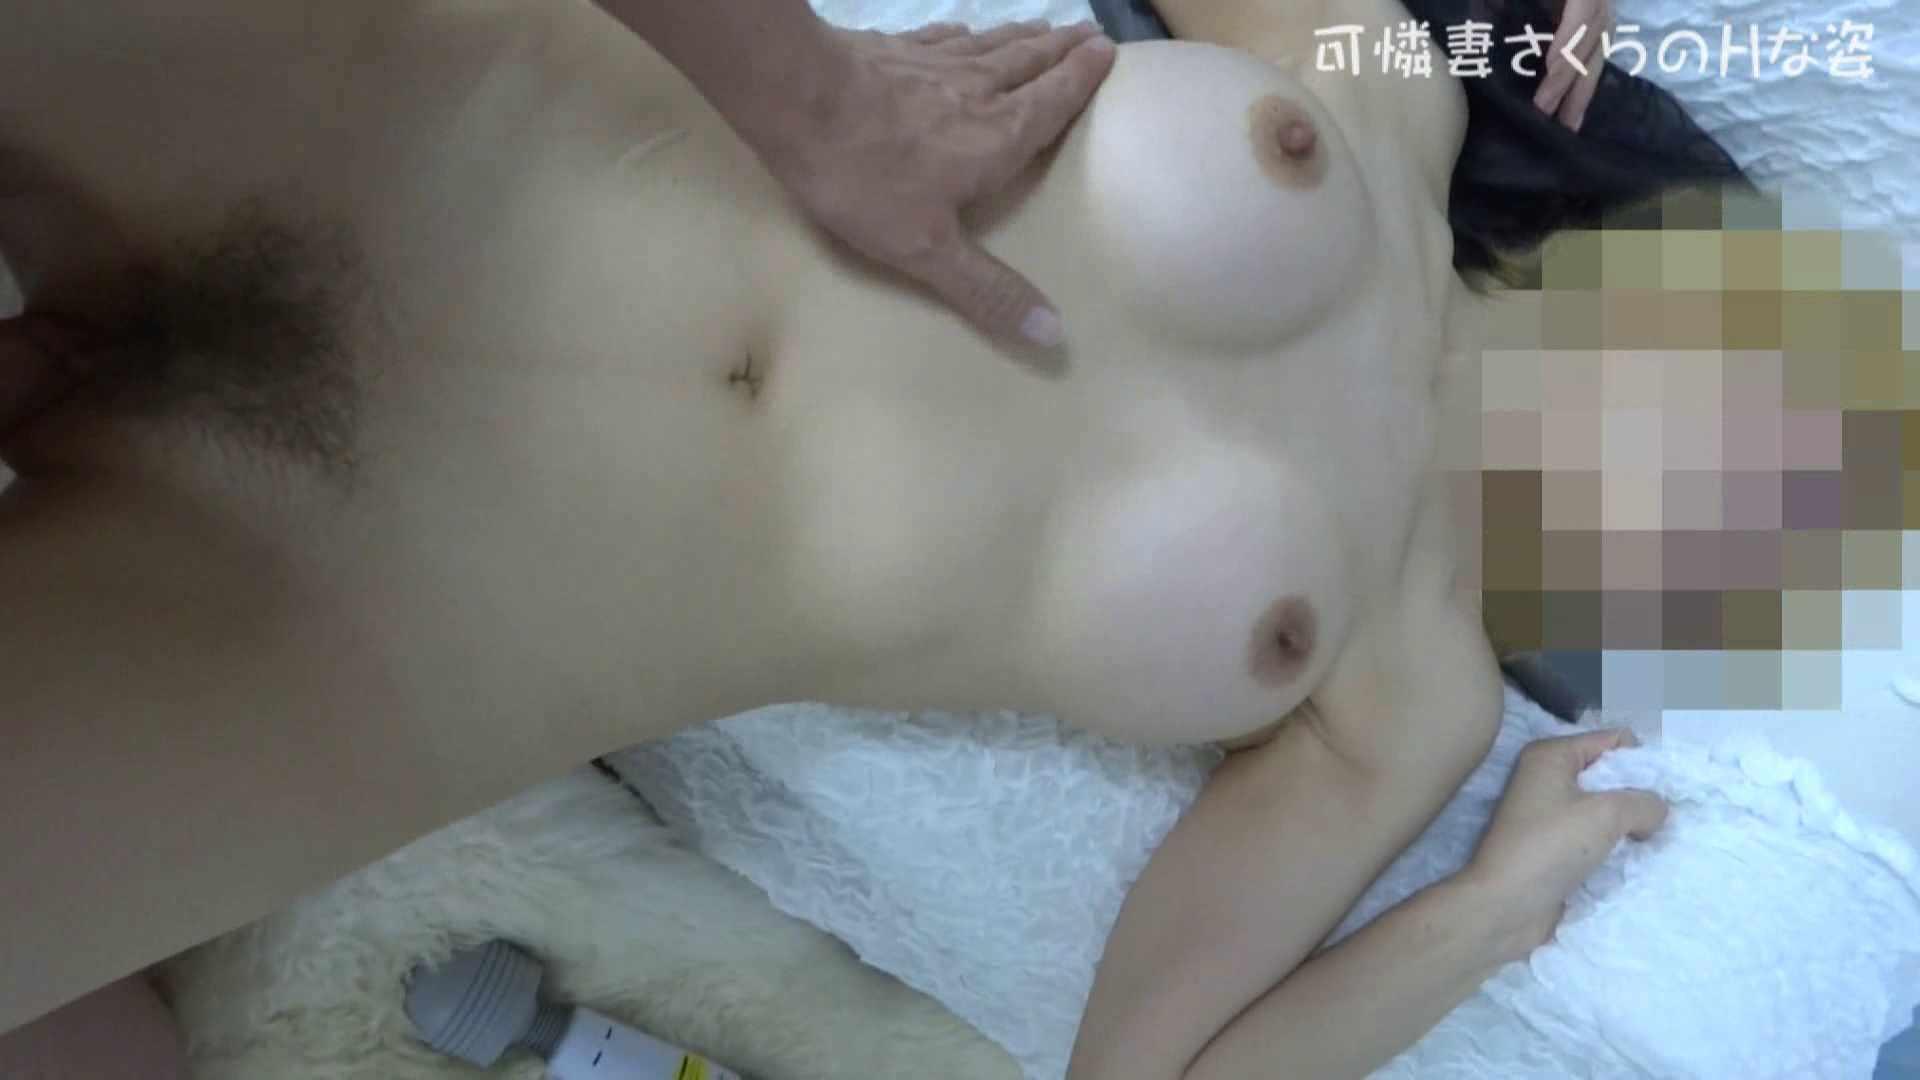 可憐妻さくらのHな姿vol.29 お尻 アダルト動画キャプチャ 106pic 47